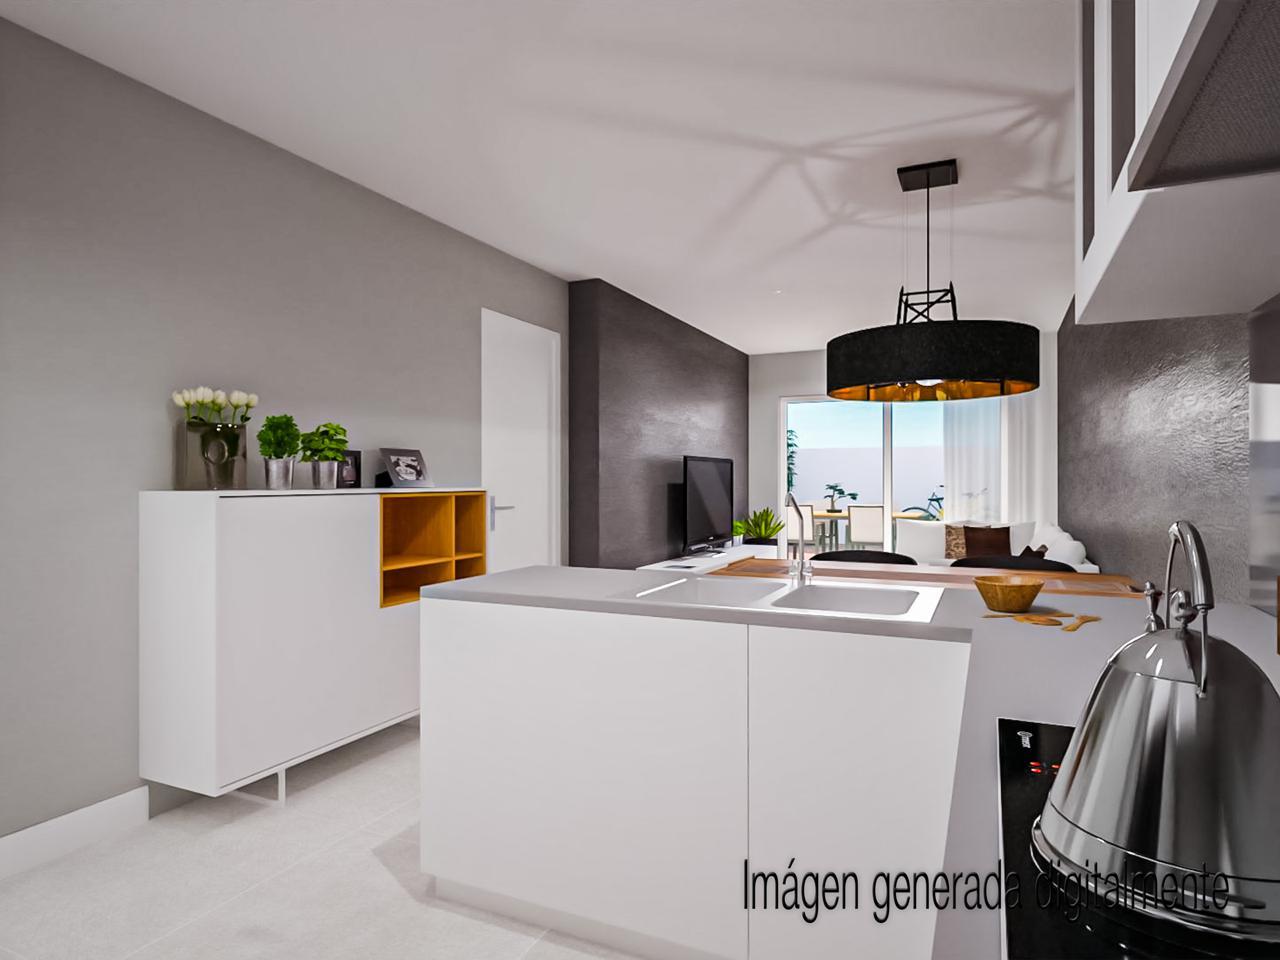 piso en parets-del-valles · carrer-de-l'emporda-08150 216000€